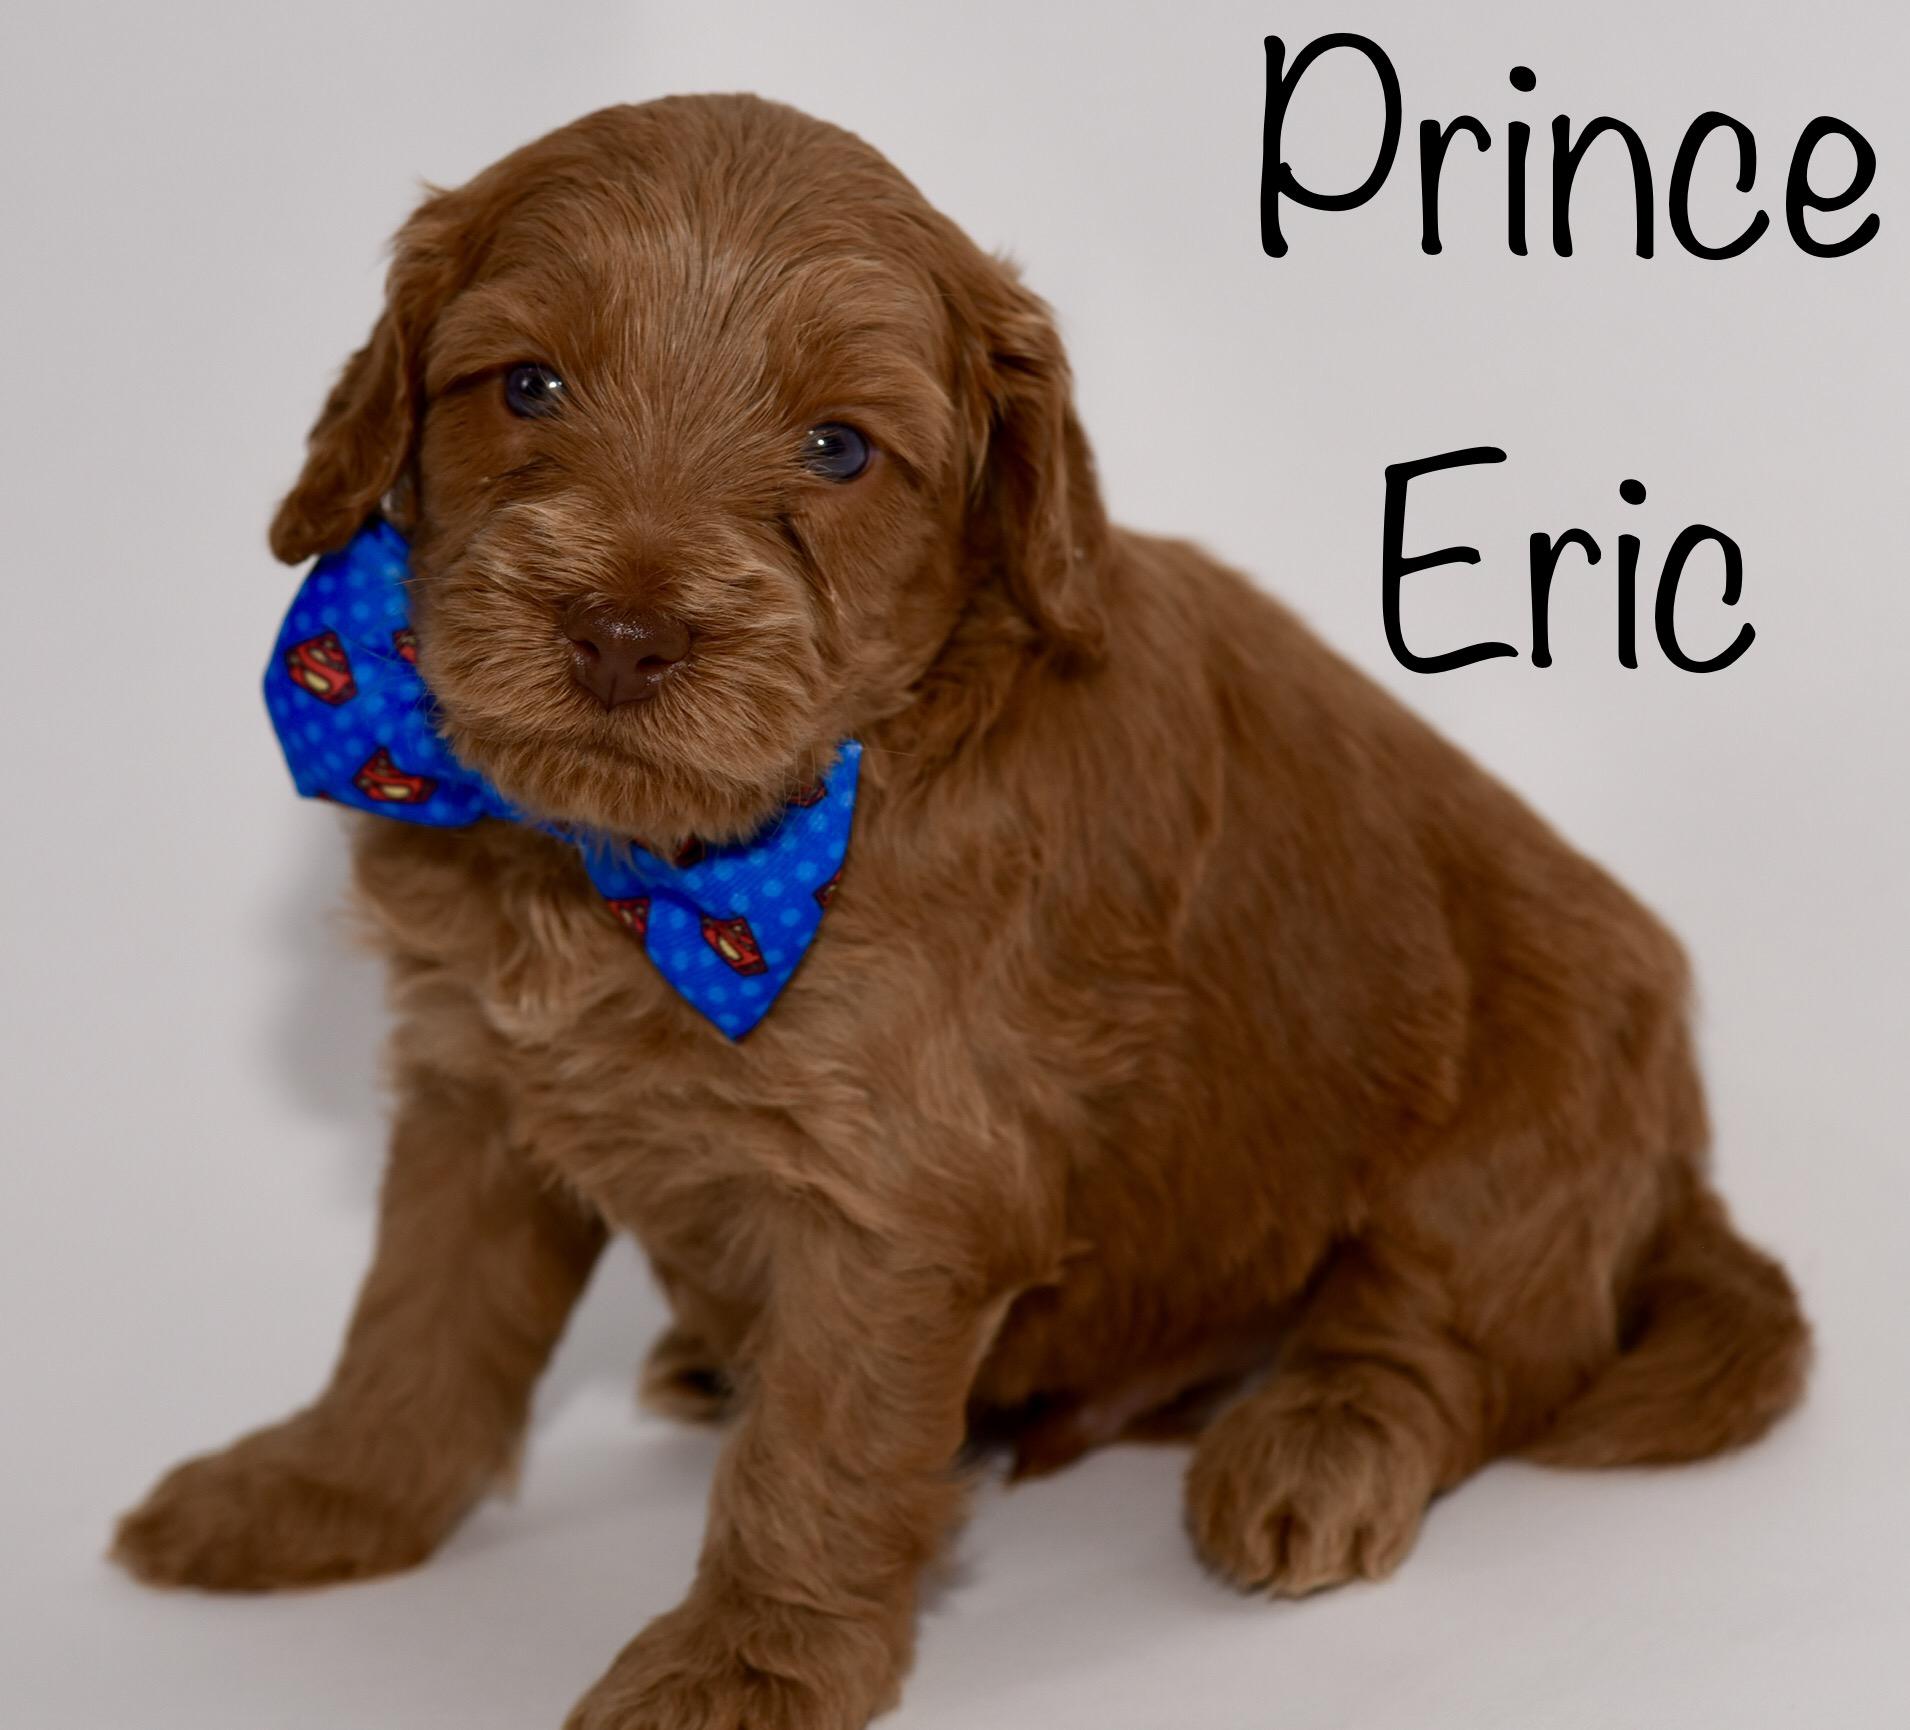 princeeric4weeks.jpg